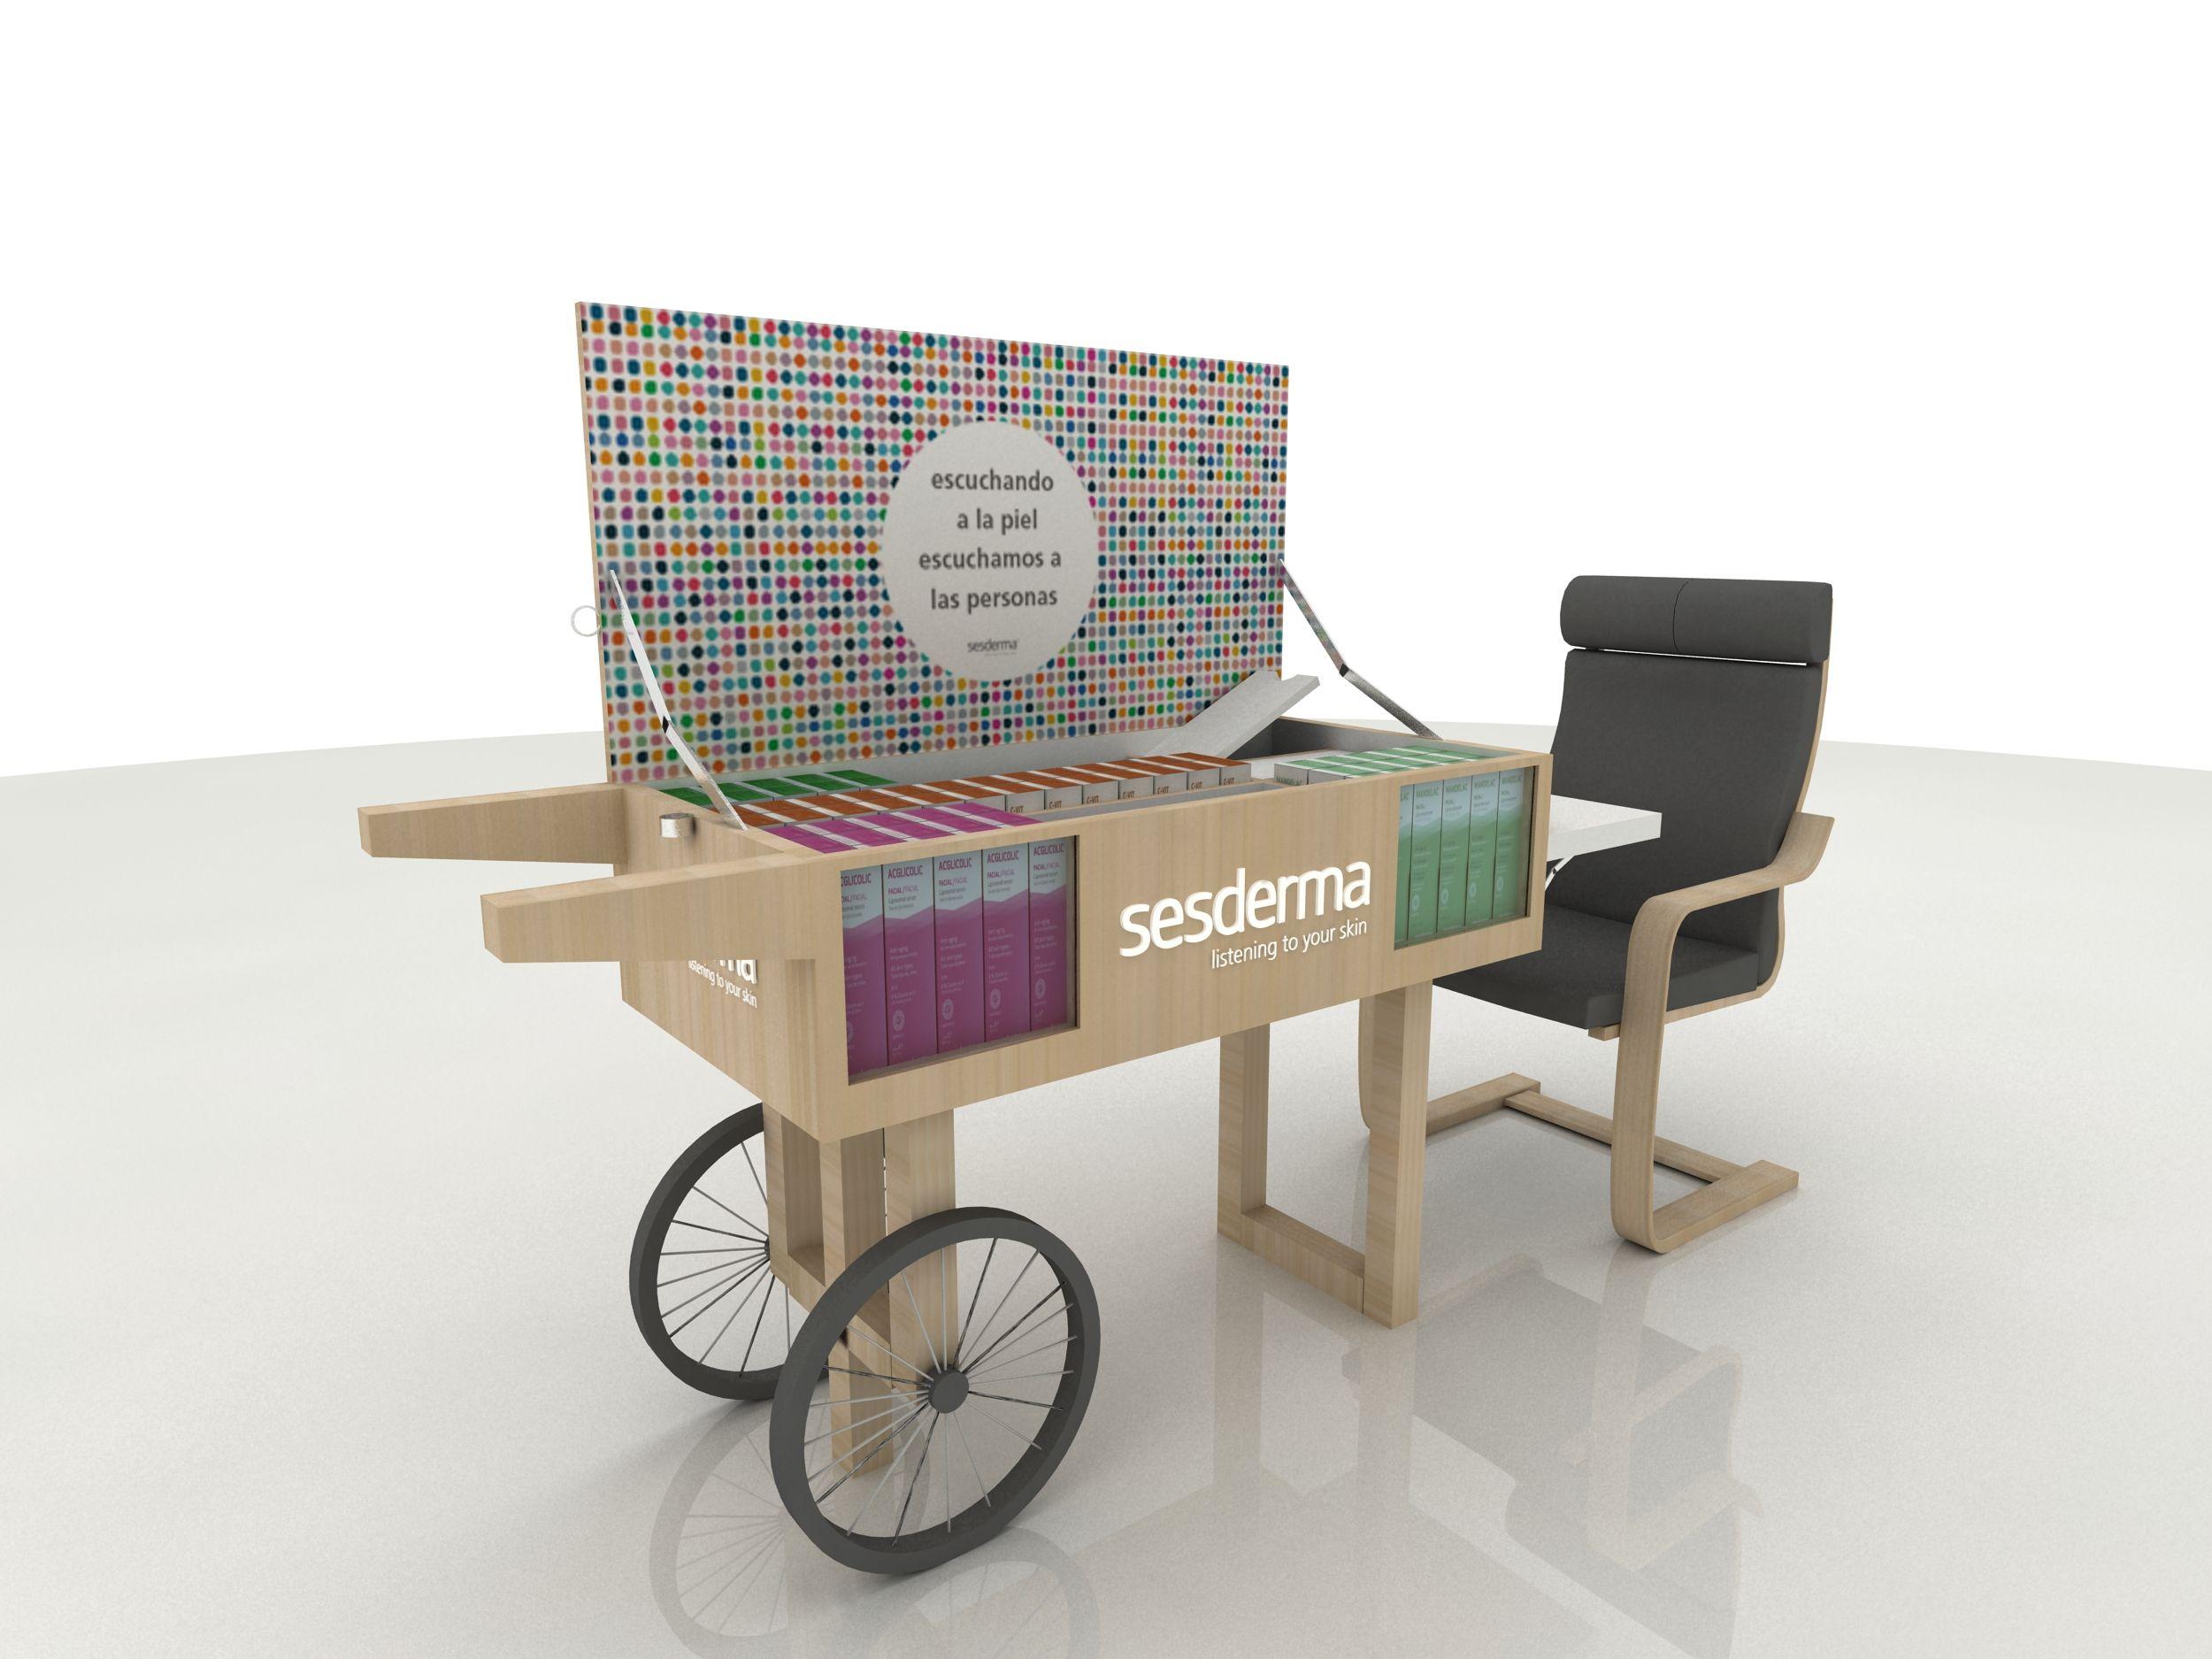 Muebles de diseño en madera para la hostelería en Barcelona